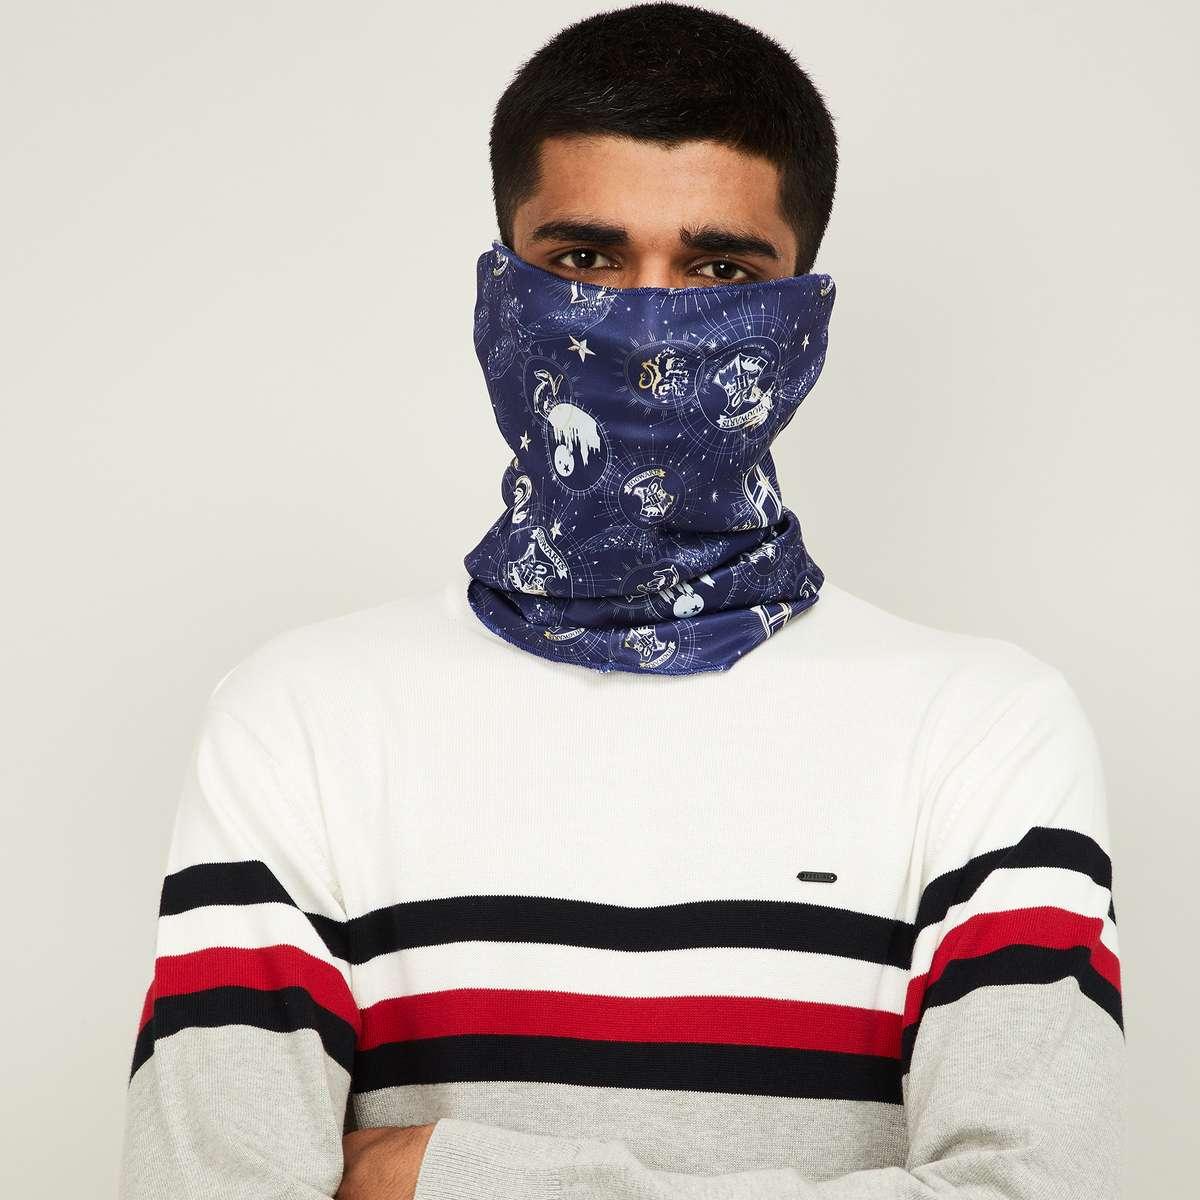 4.FREE AUTHORITY Men Printed Bandana Face Mask